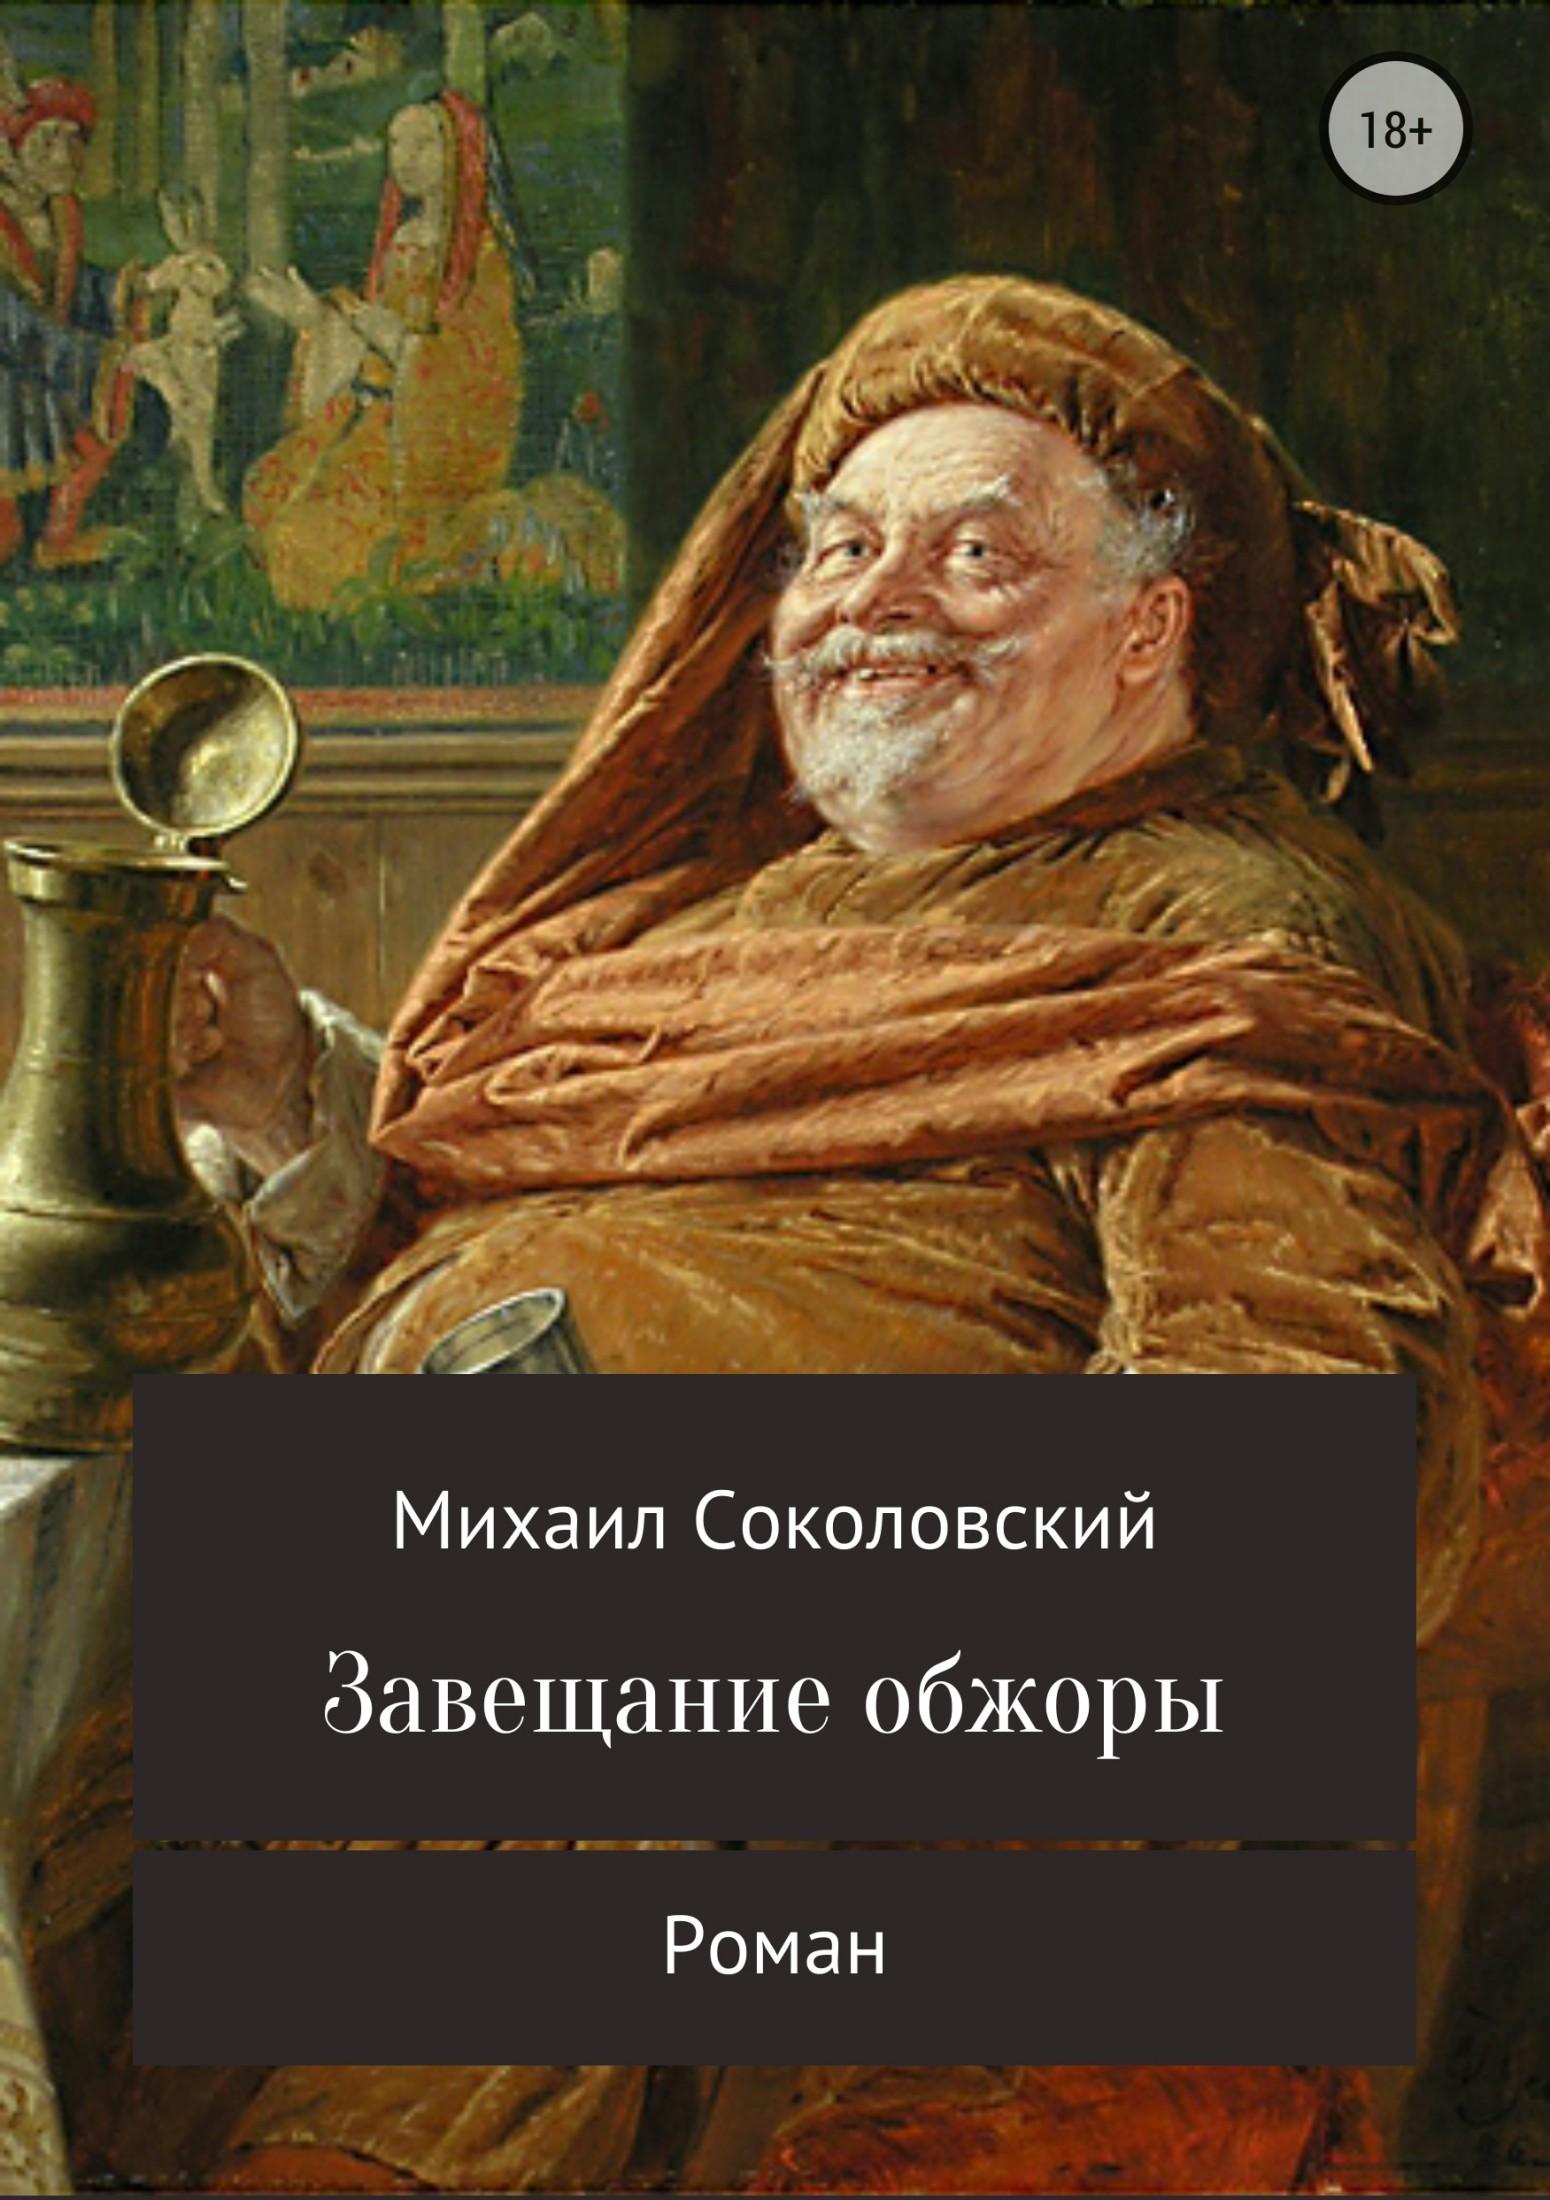 Михаил Александрович Соколовский бесплатно